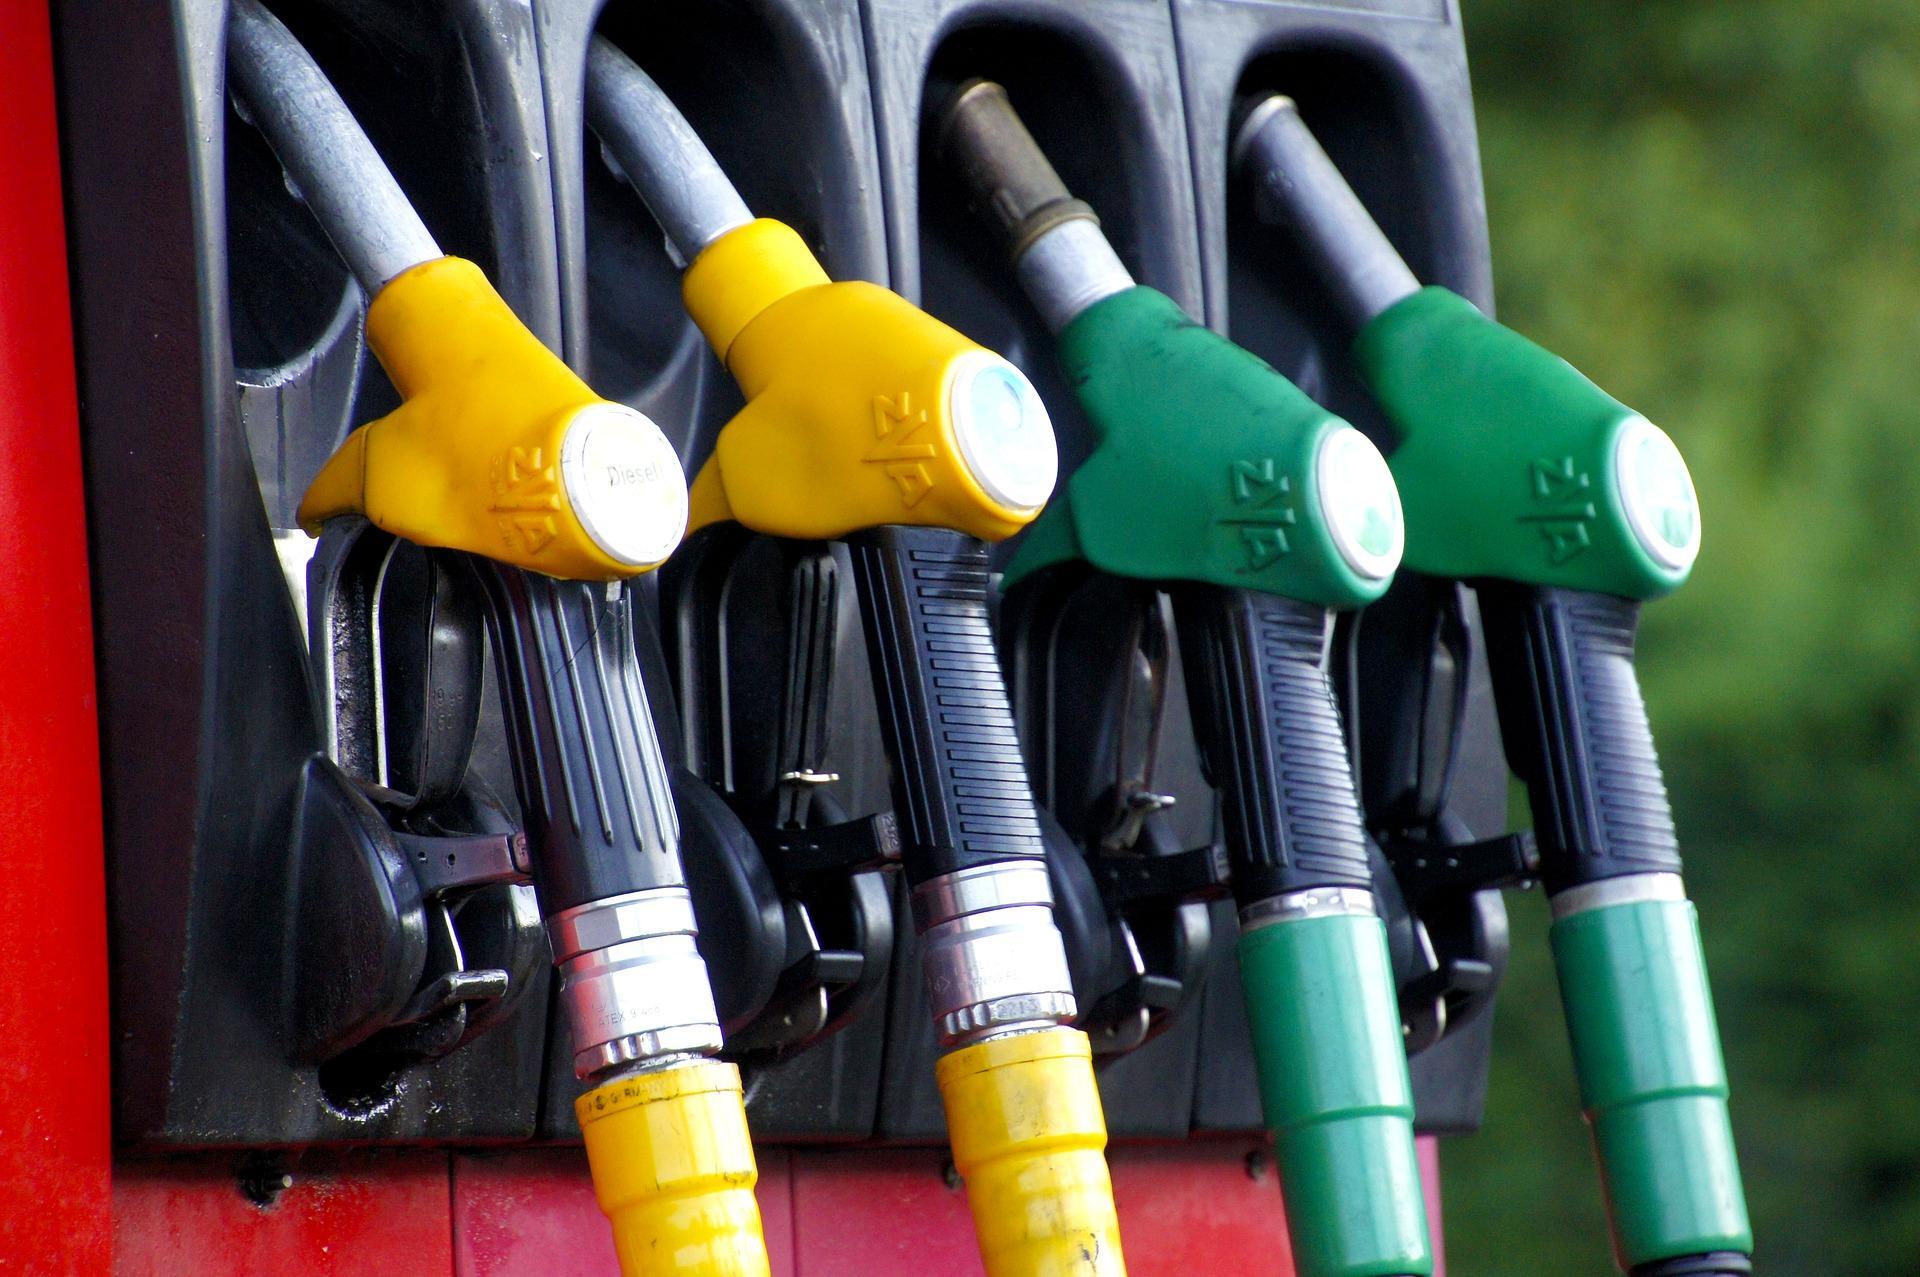 De Ford Mondeo van Bas van Burgel uit Avenhorn blijkt een onverwacht benzineslurpertje